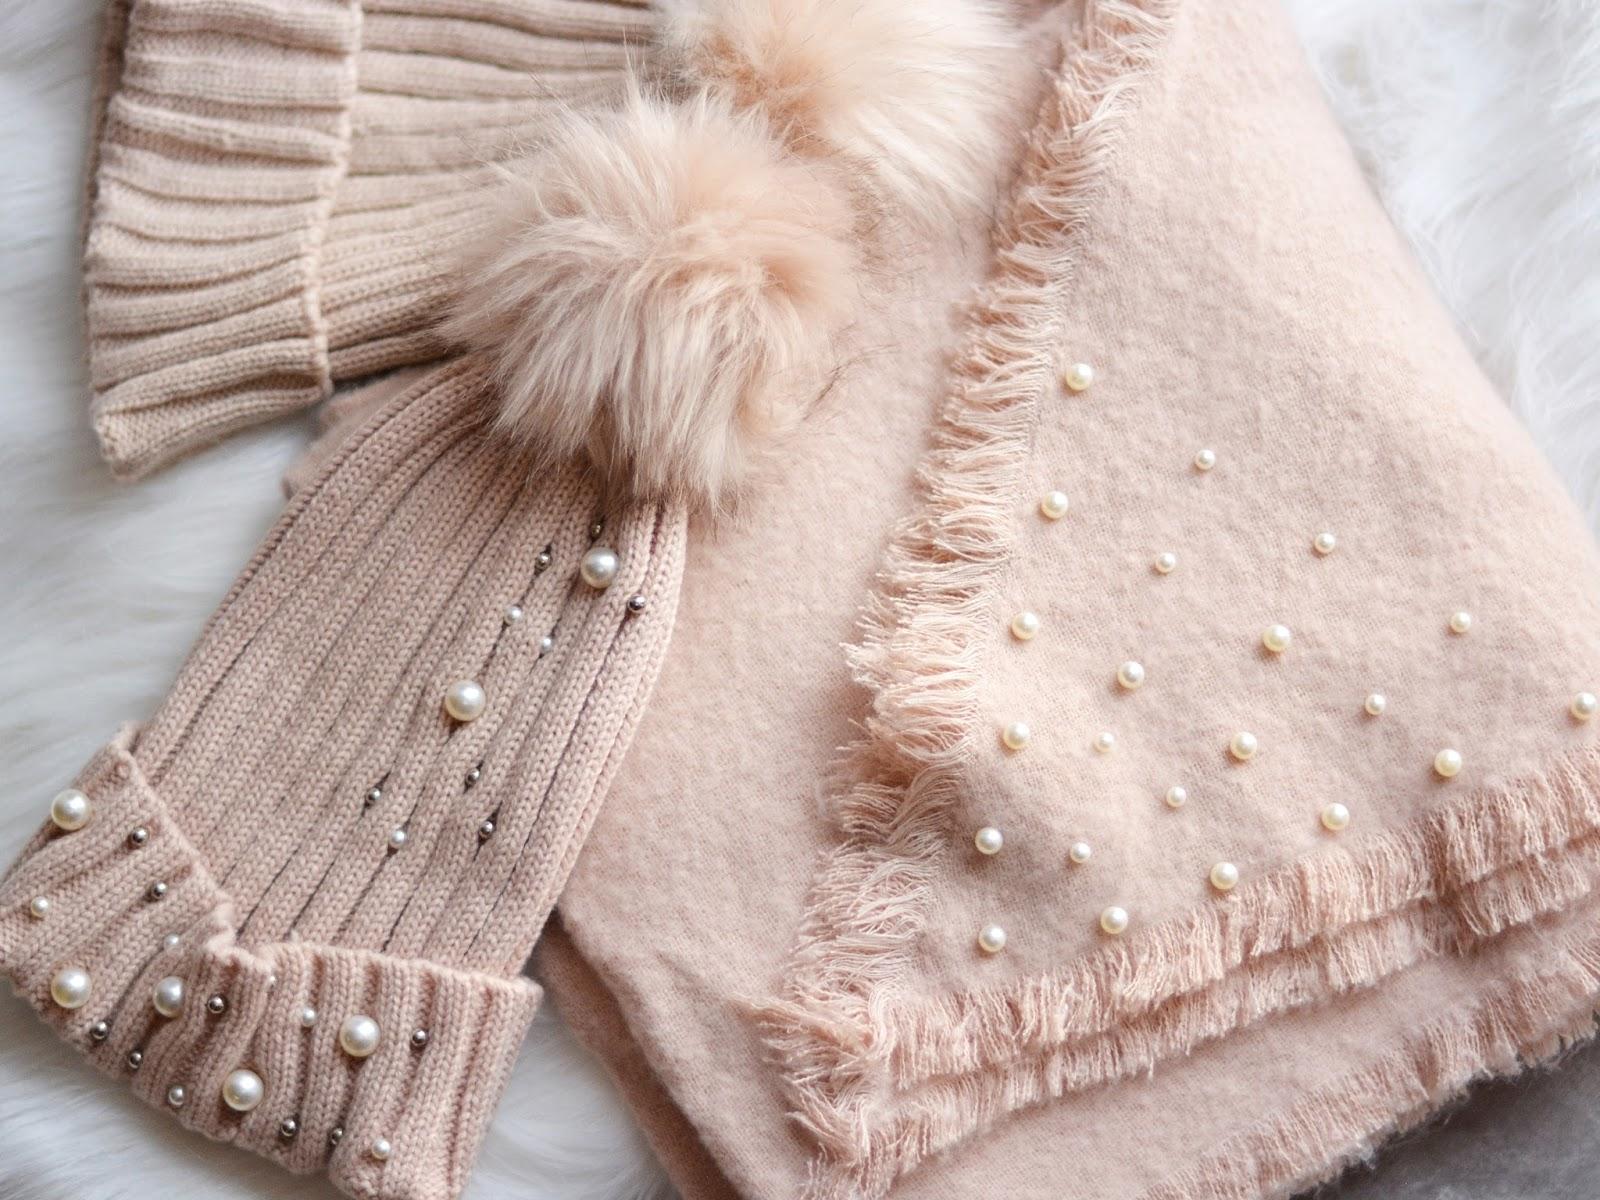 ubrania z perłami jak nosić